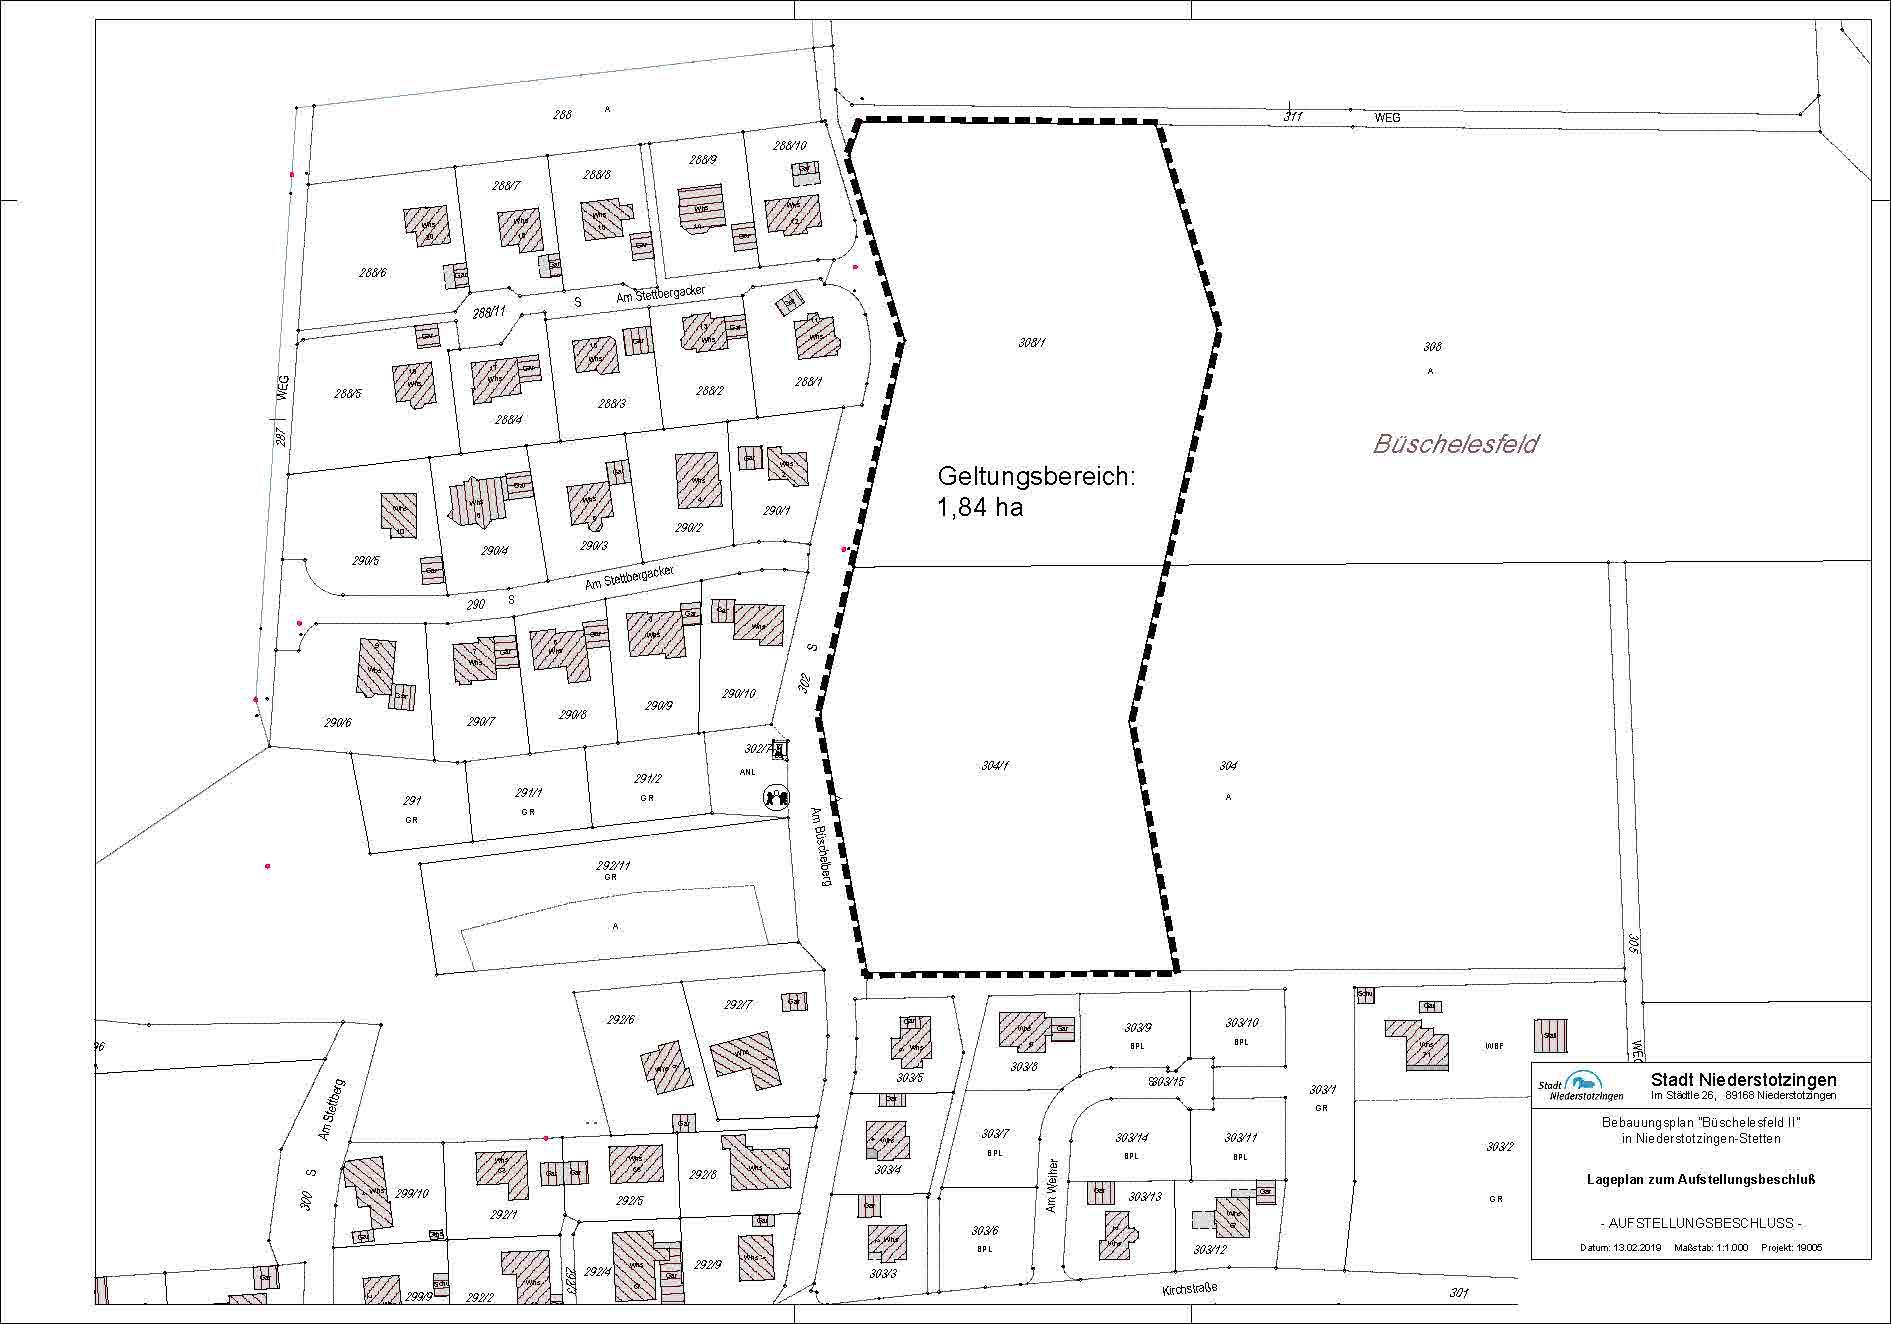 Büschelesfeld II - Lageplan zum Aufstellungsbeschluss